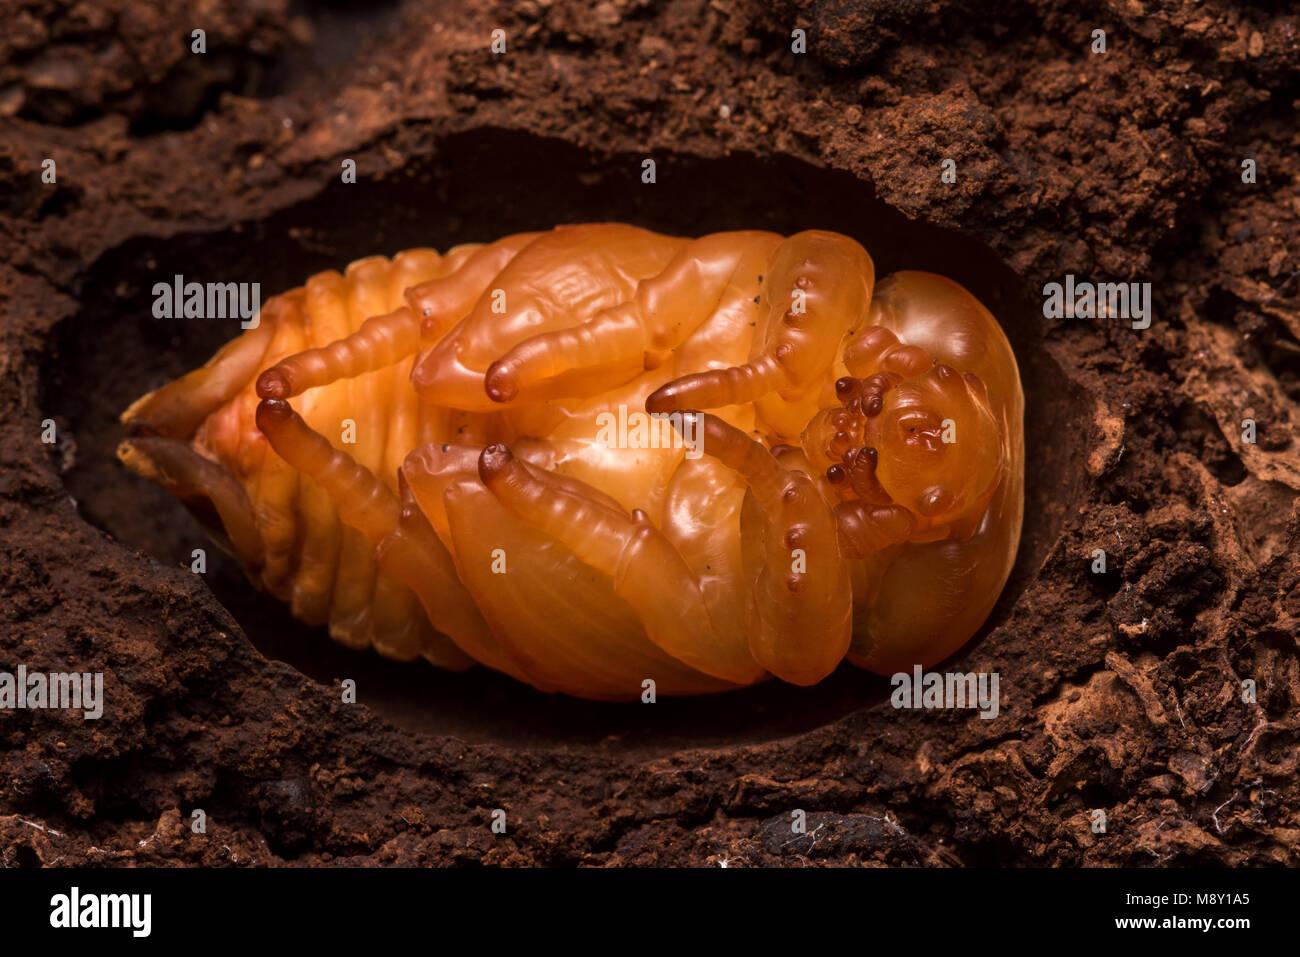 Un coleottero subendo metamorfosi, probabilmente una specie dalla famiglia Scarabaeidae. Immagini Stock